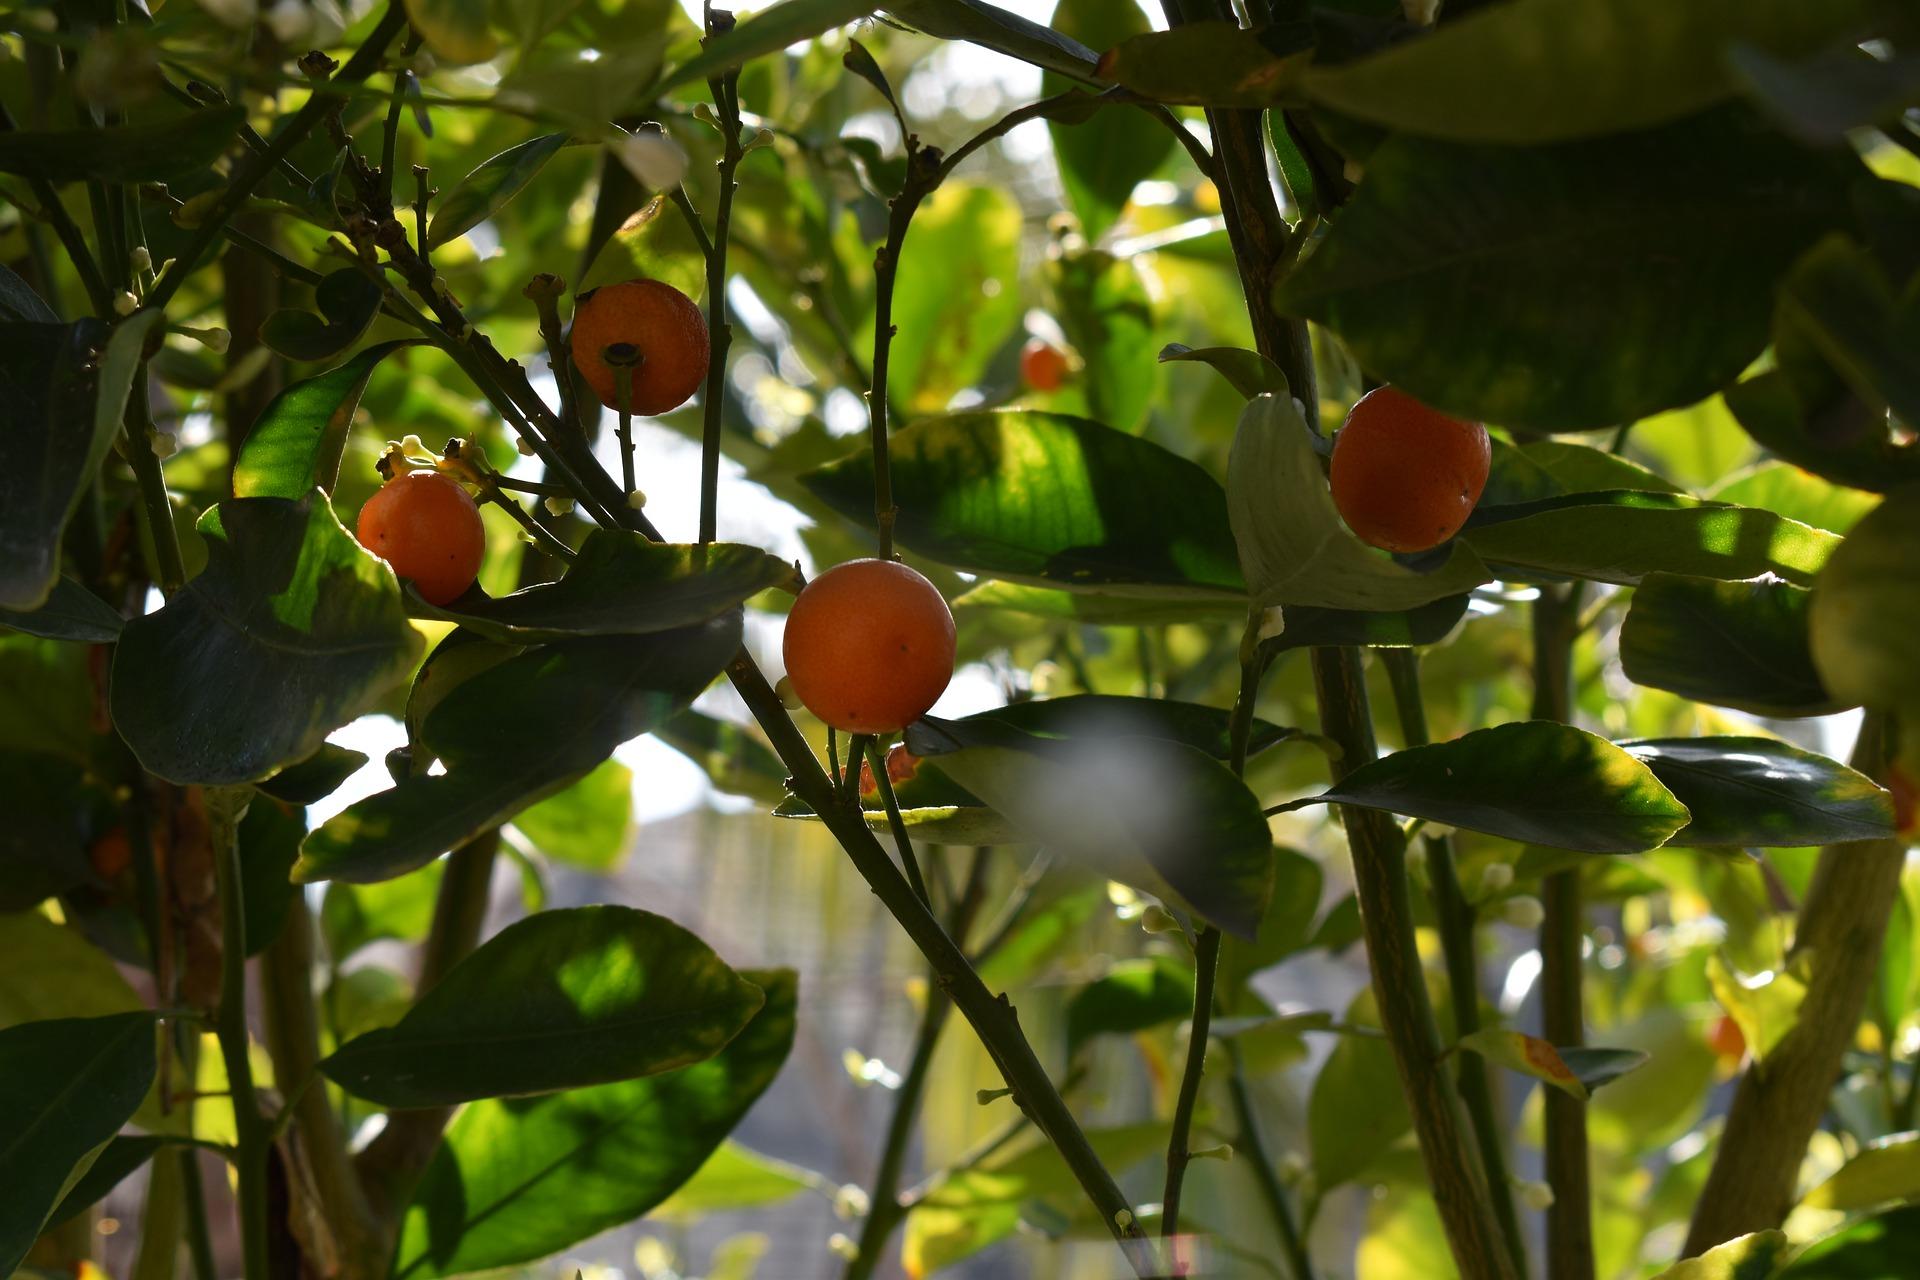 1601192902-citrus-tree-4754734-1920.jpeg